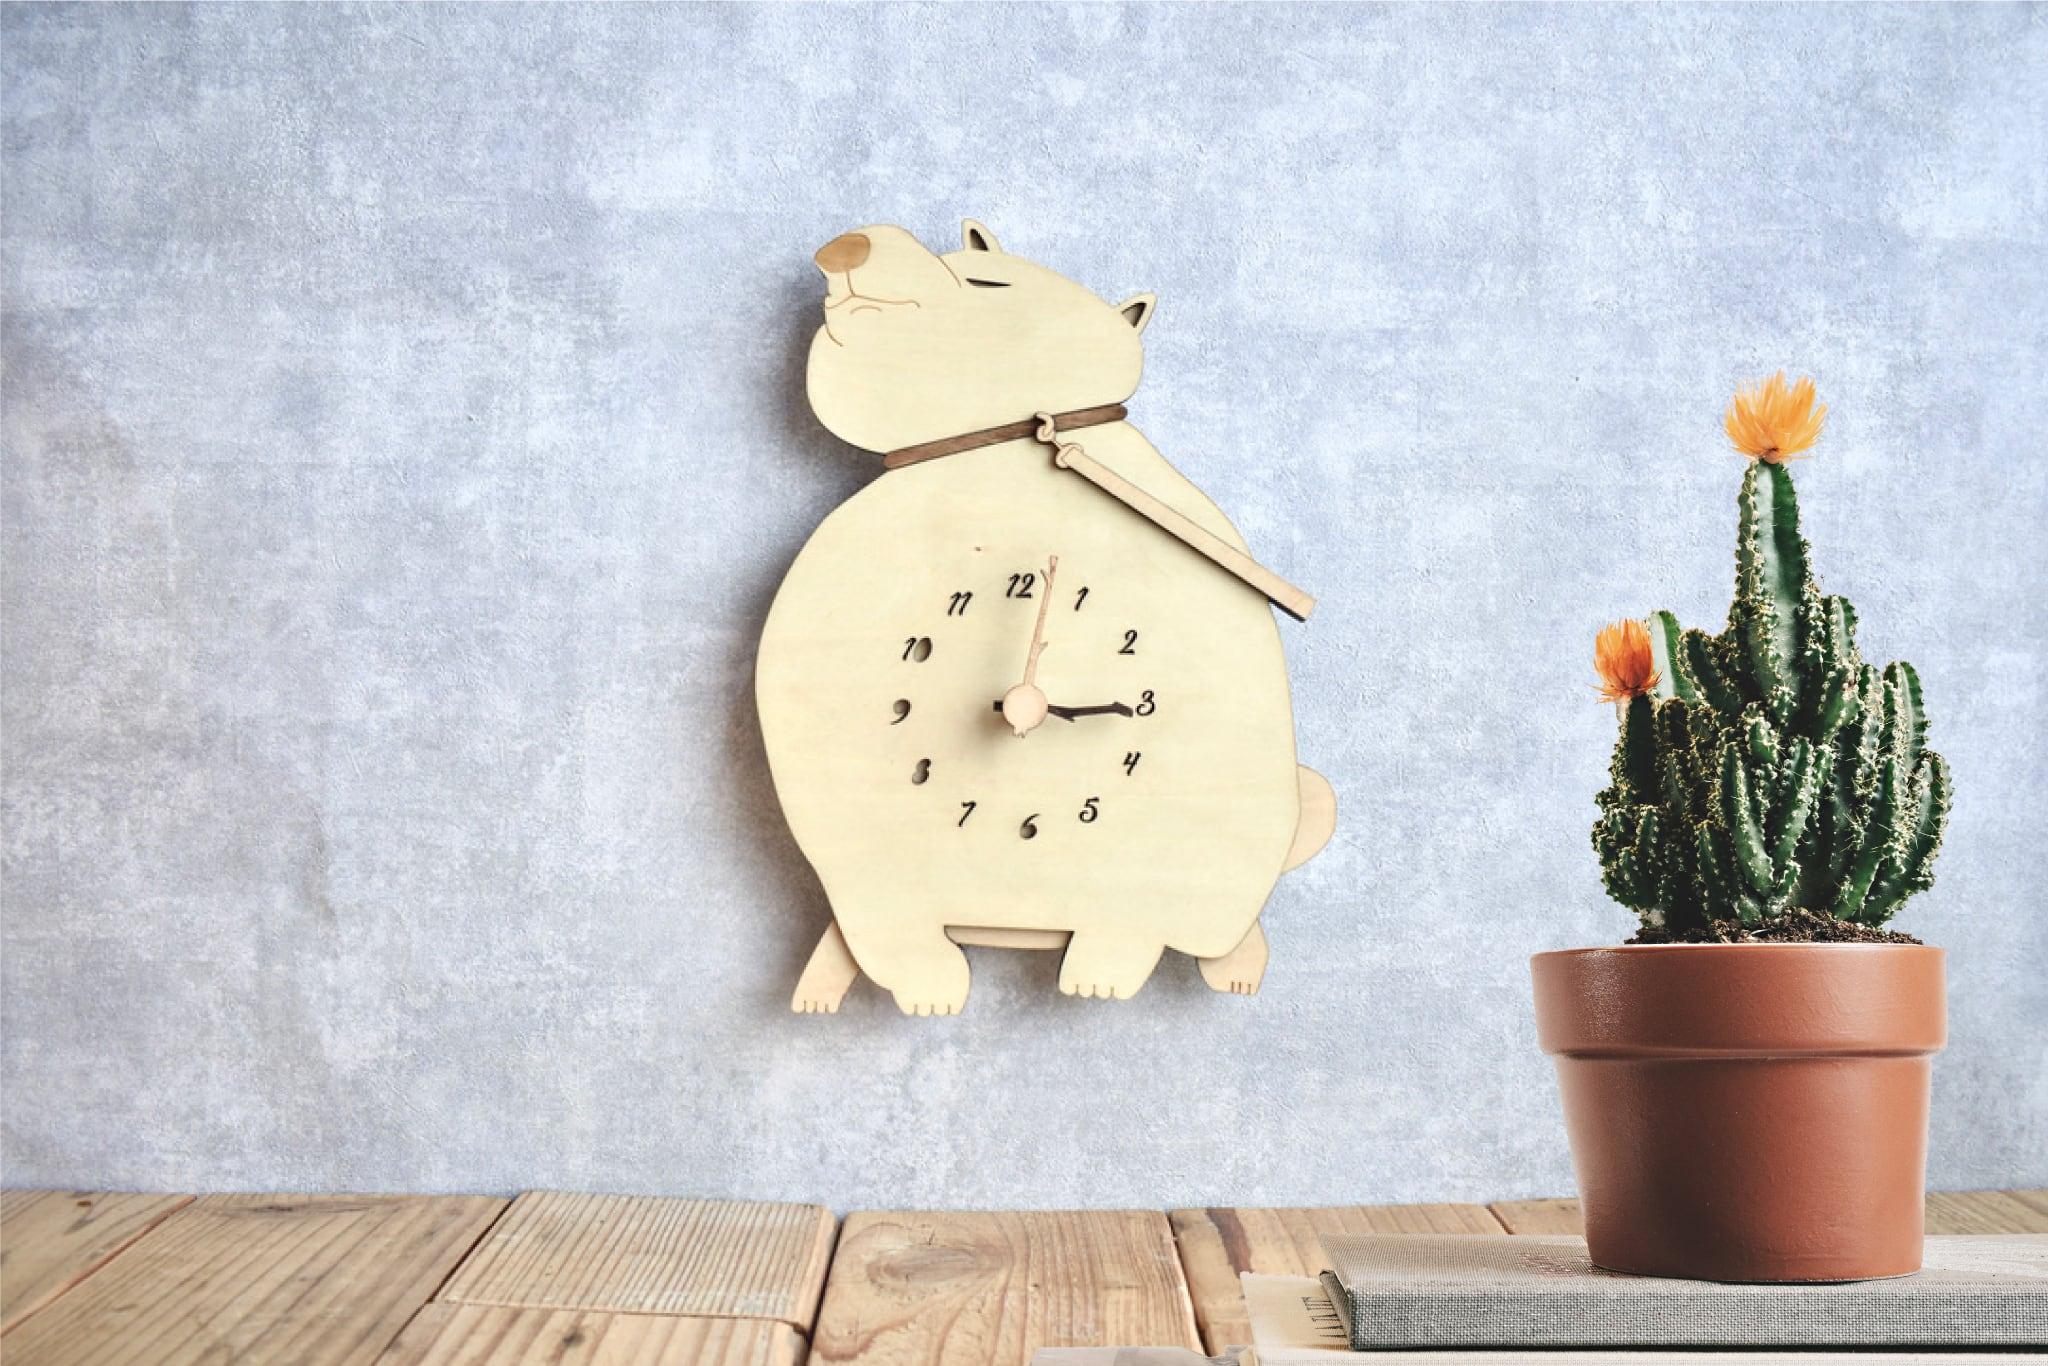 柴犬がリードを引っ張る時計 木製 掛け時計